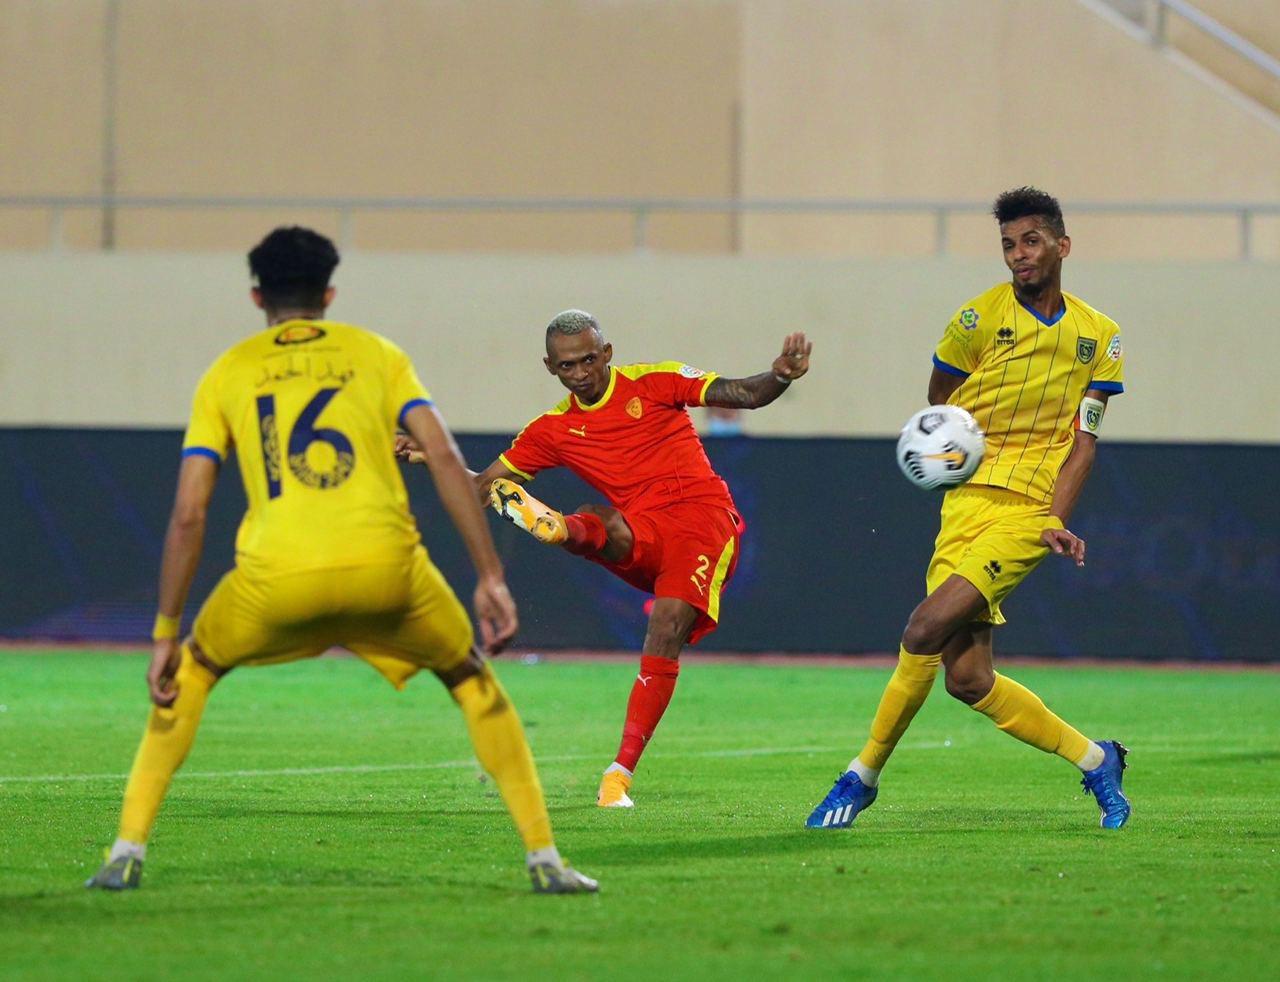 فيديو.. أهداف القادسية (2-0) أمام التعاون في الدوري السعودي